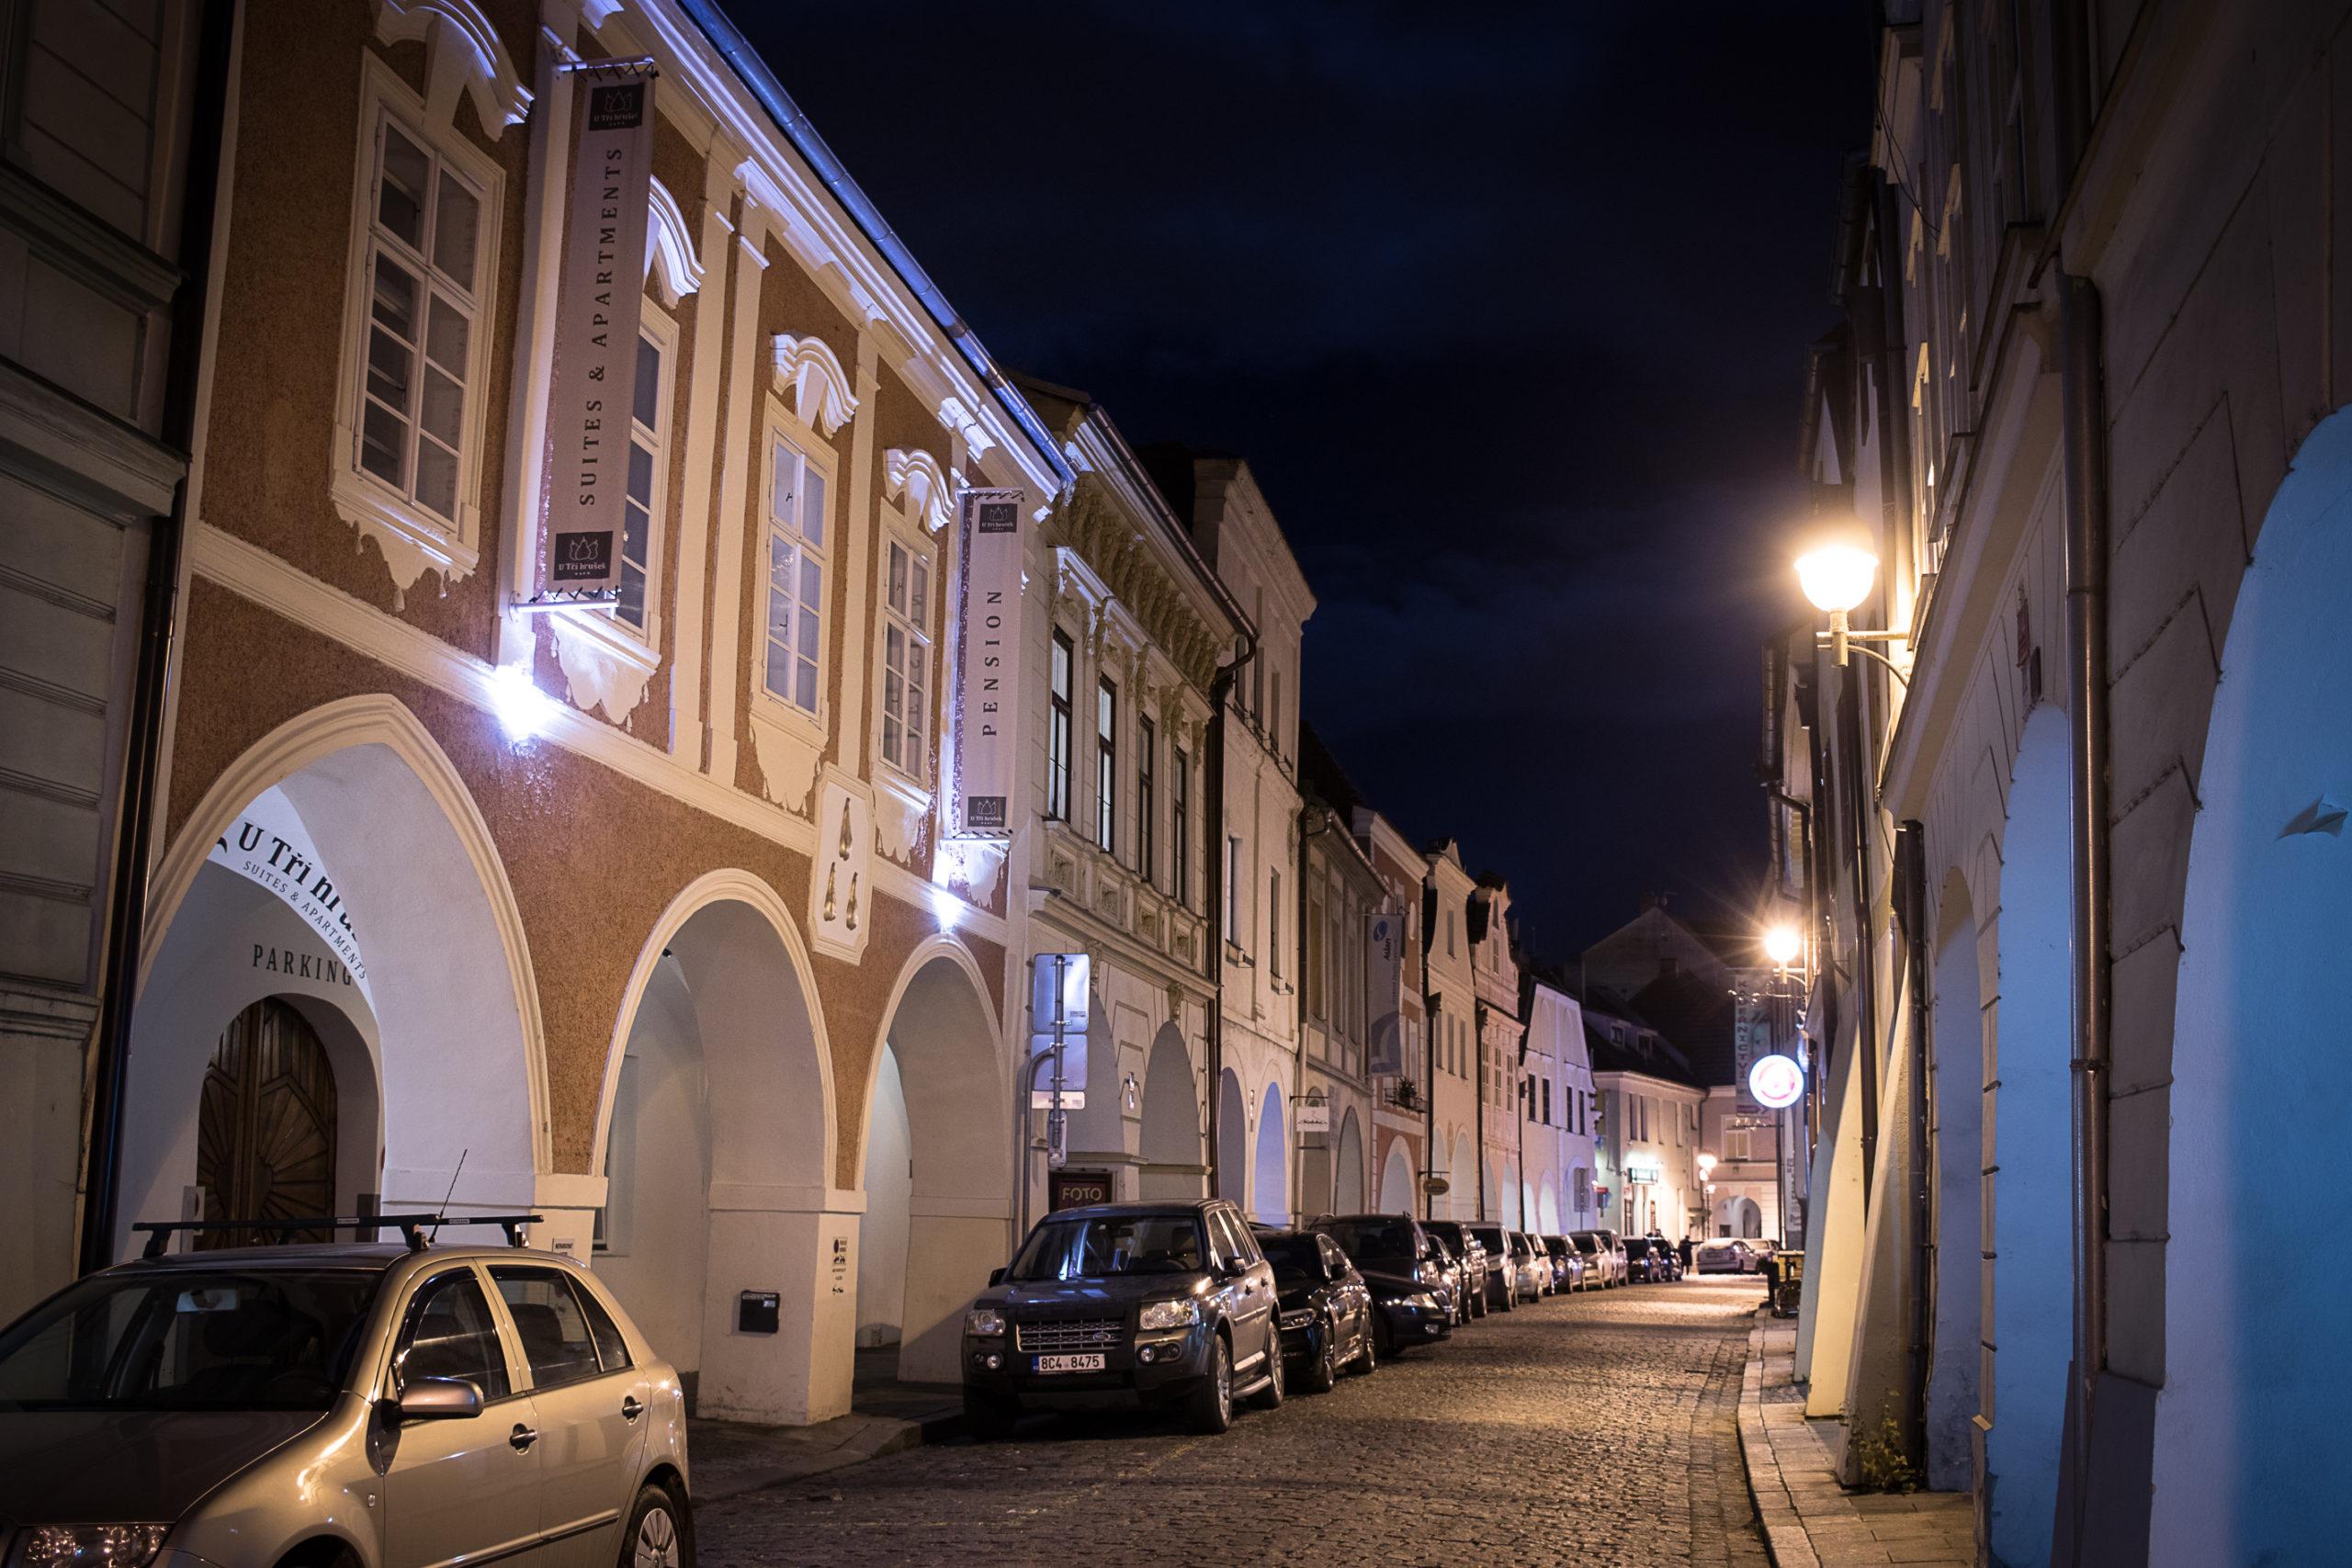 Pohled zvenku na hotel v noci